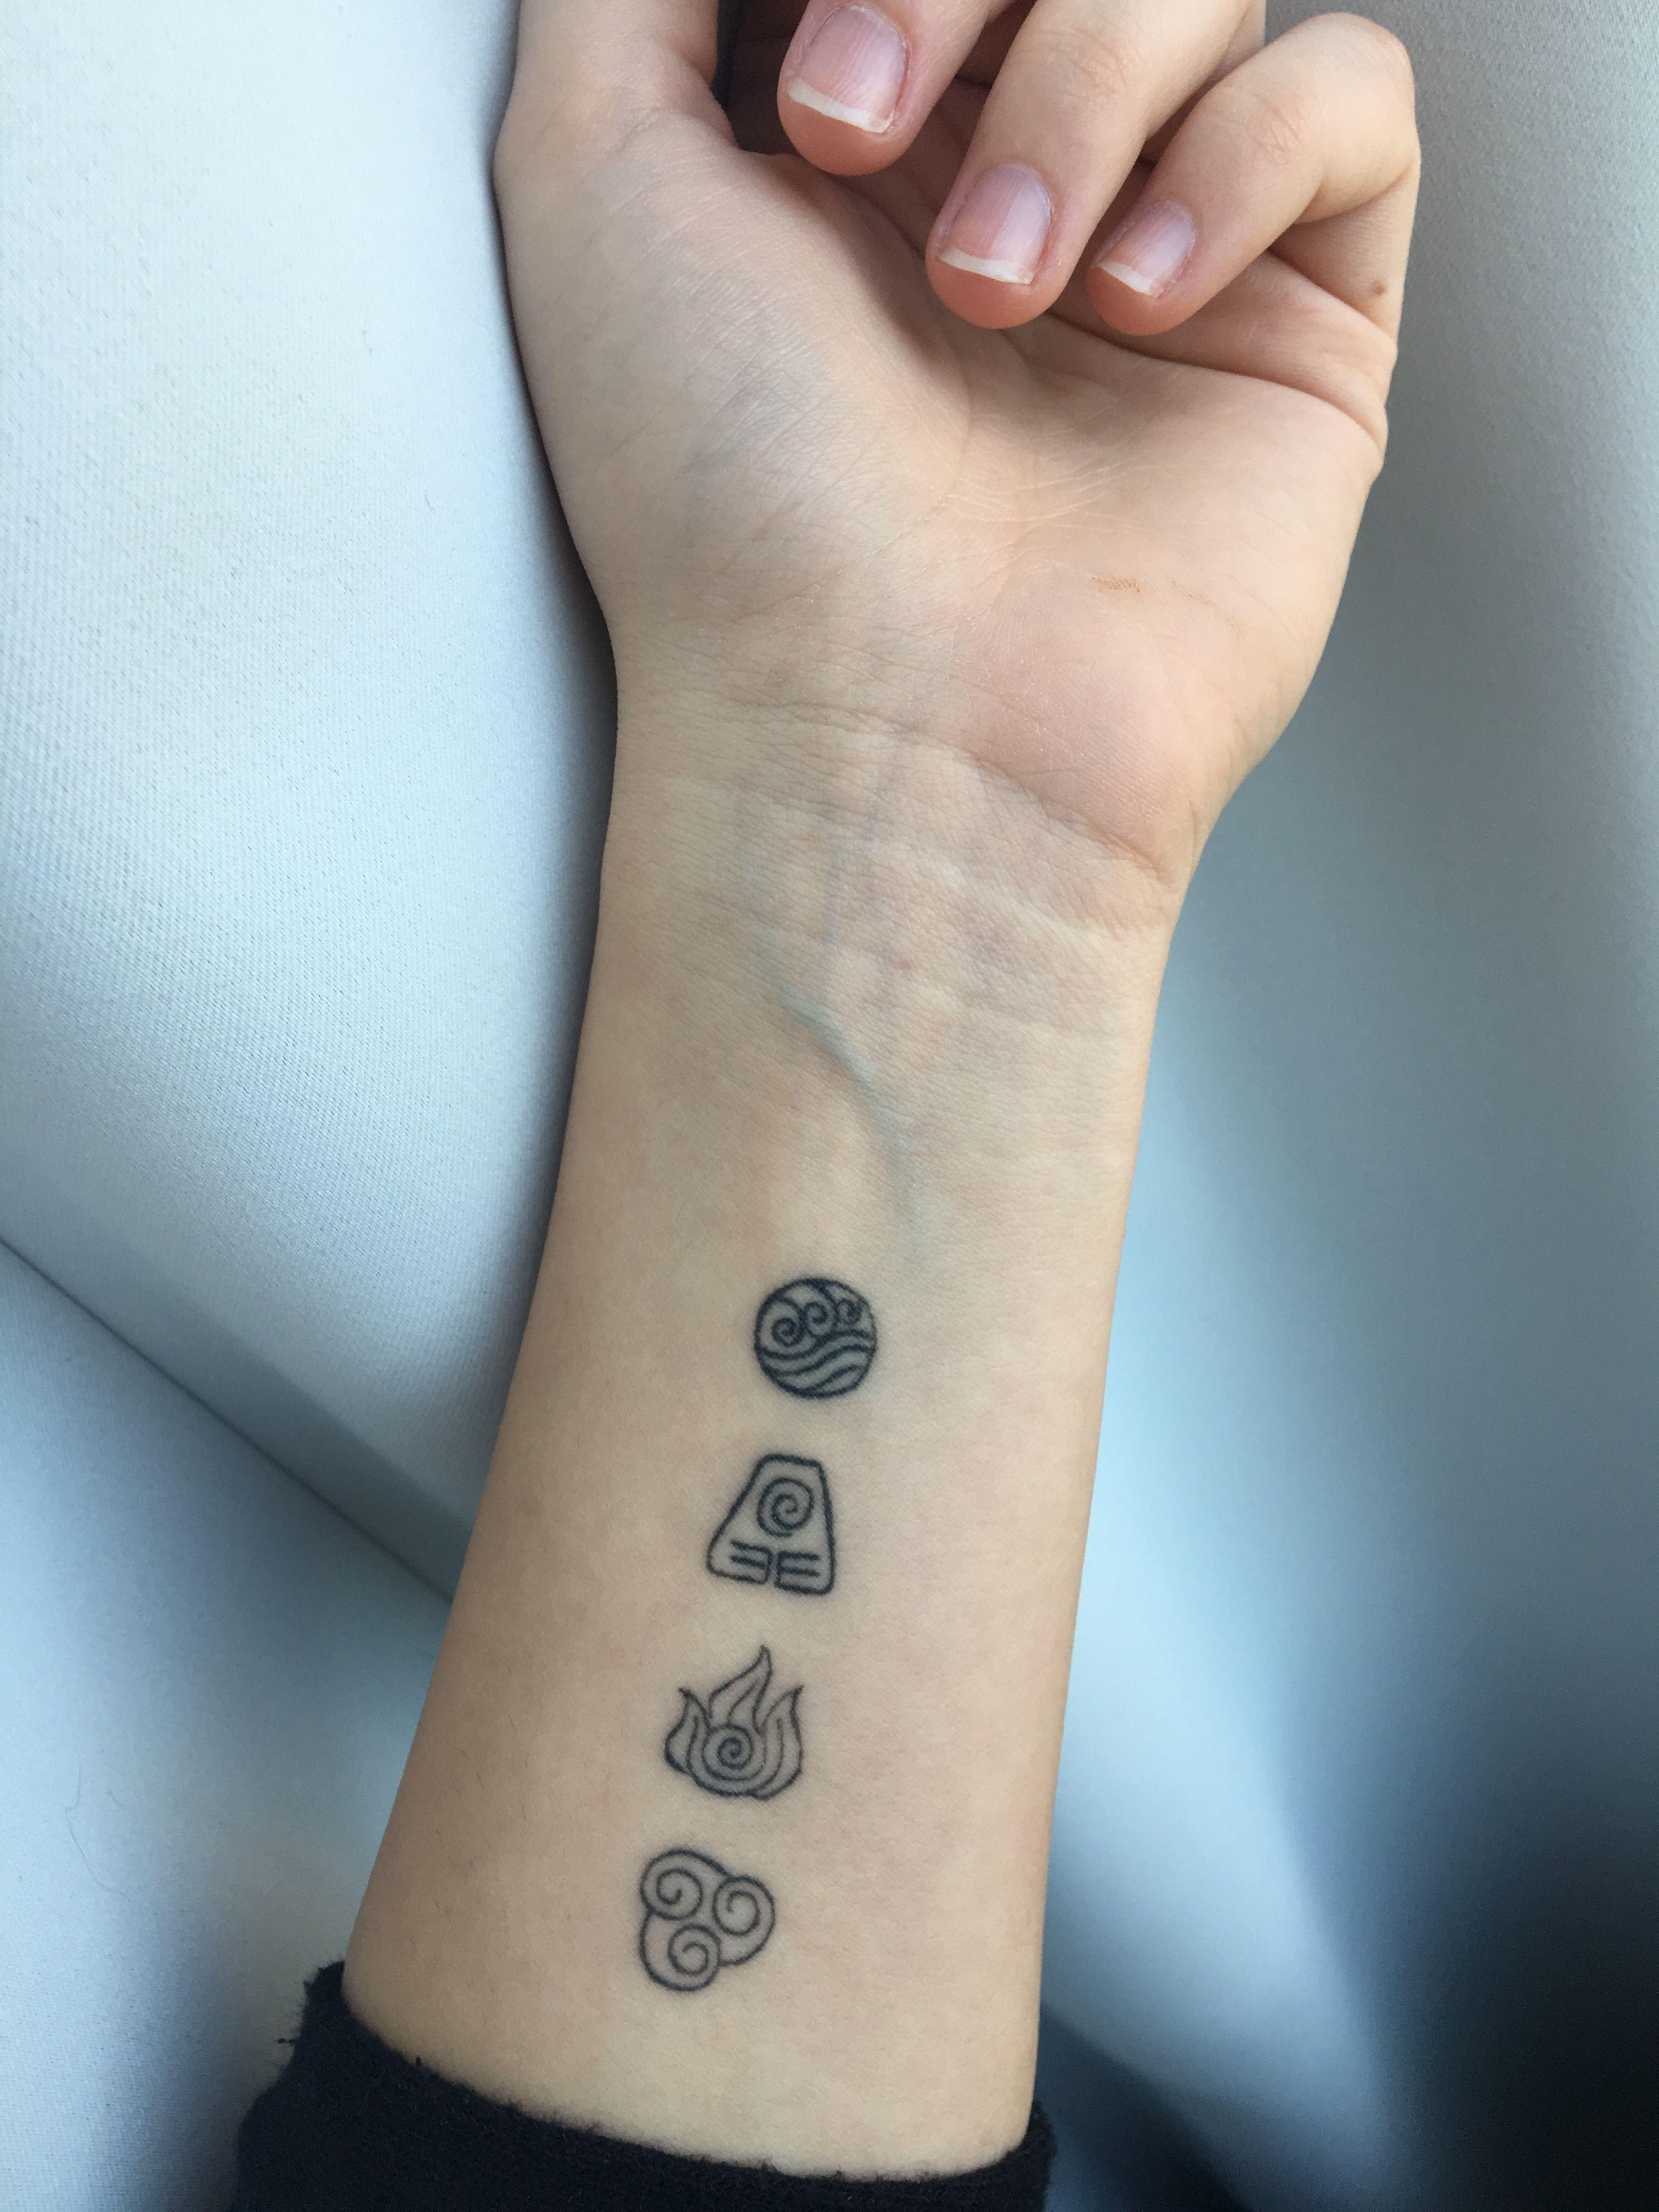 Pin on tatuajes-vikingos